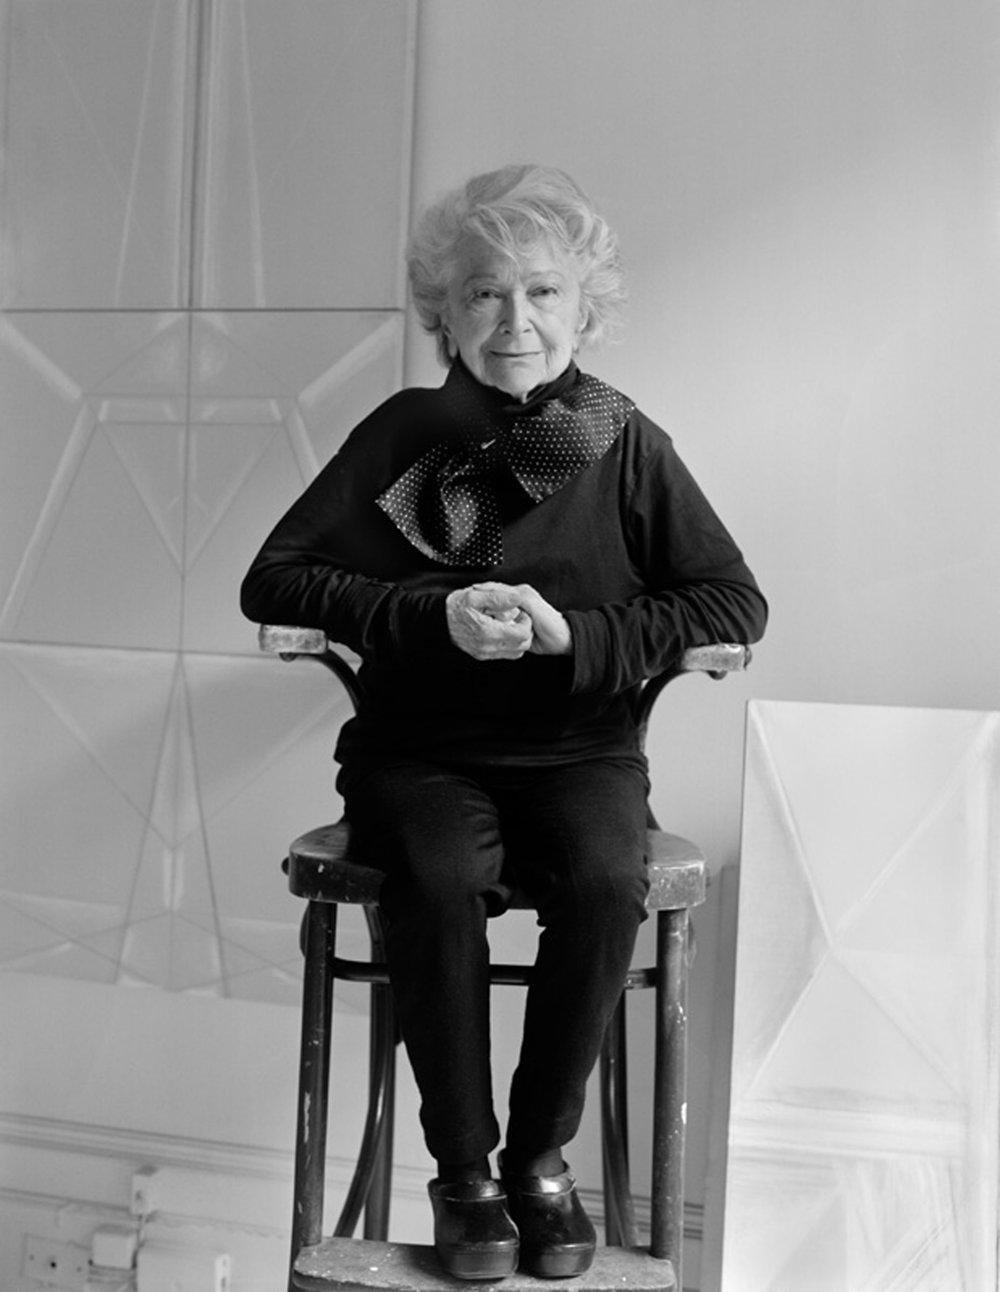 Portrait of Hedda Sterne by Barbara Yoshida, 6 February 1992, © Barbara Yoshida